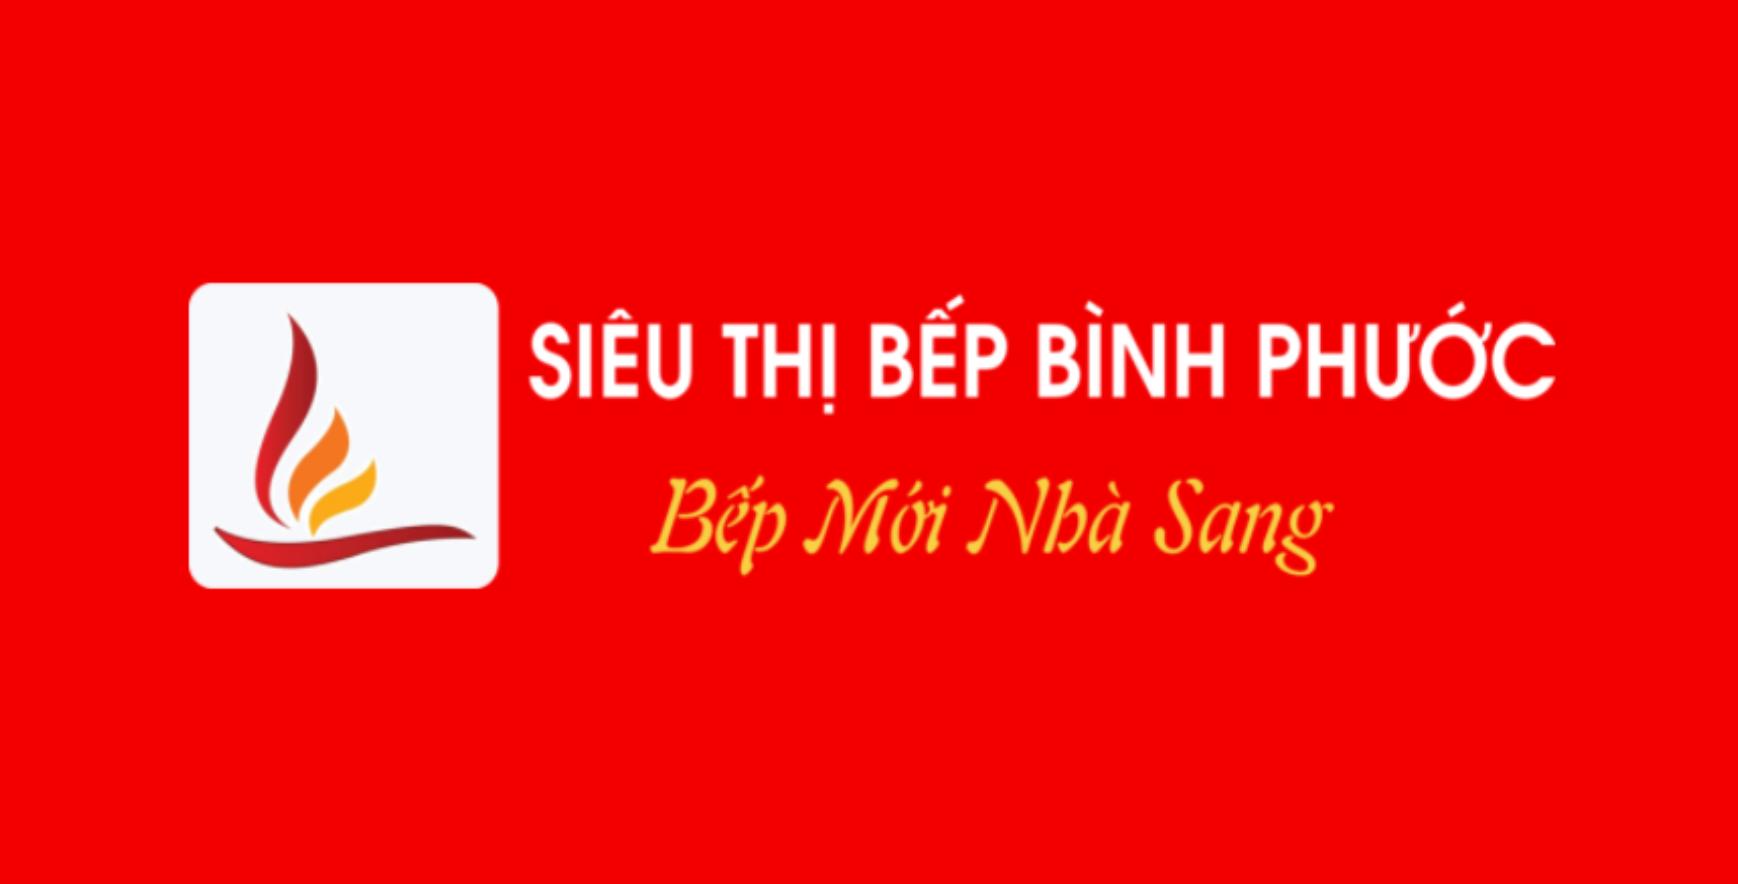 bepbinhphuoc